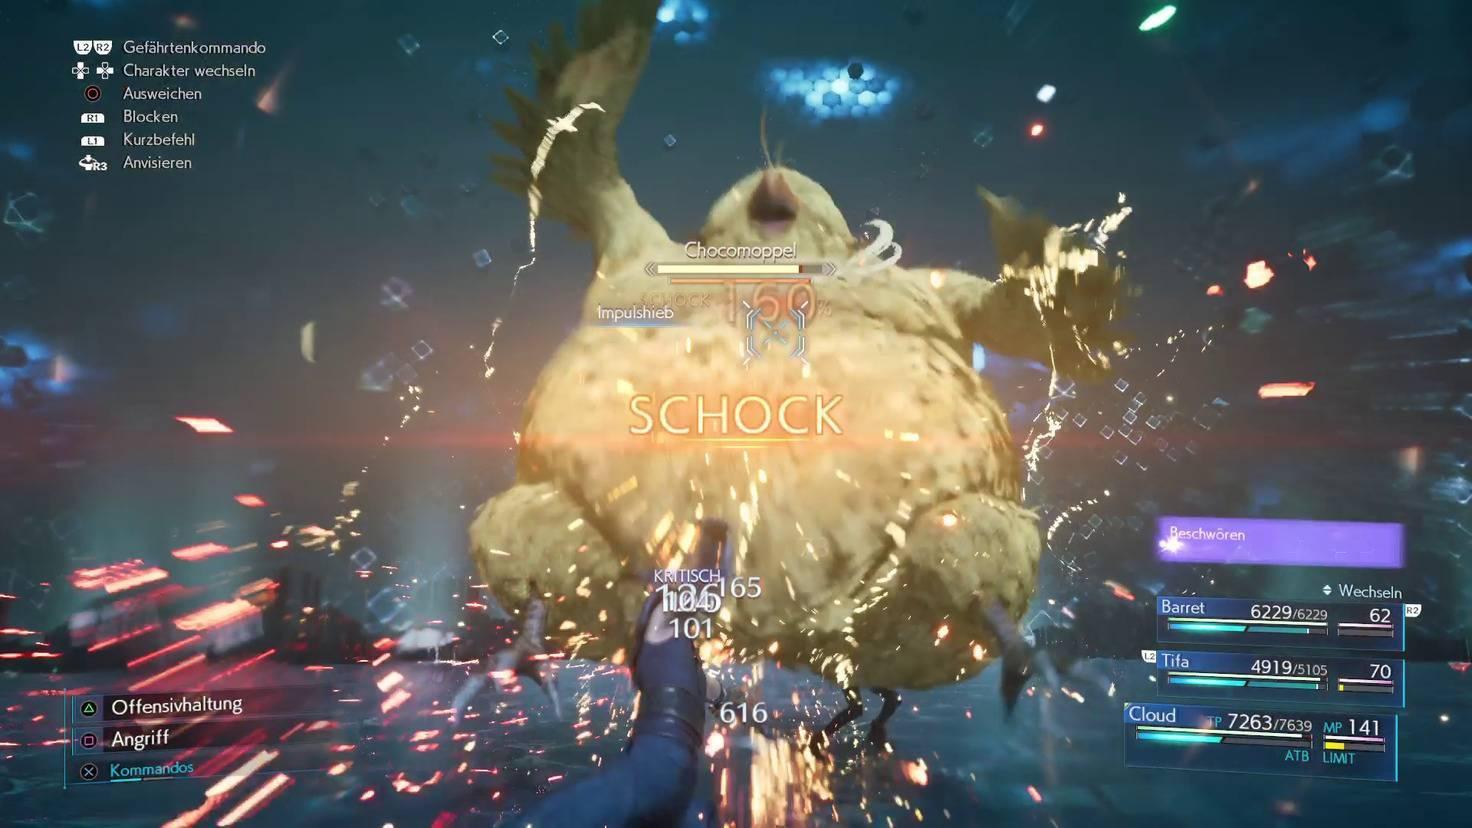 final-fantasy-7-remake-chocomoppel-shock